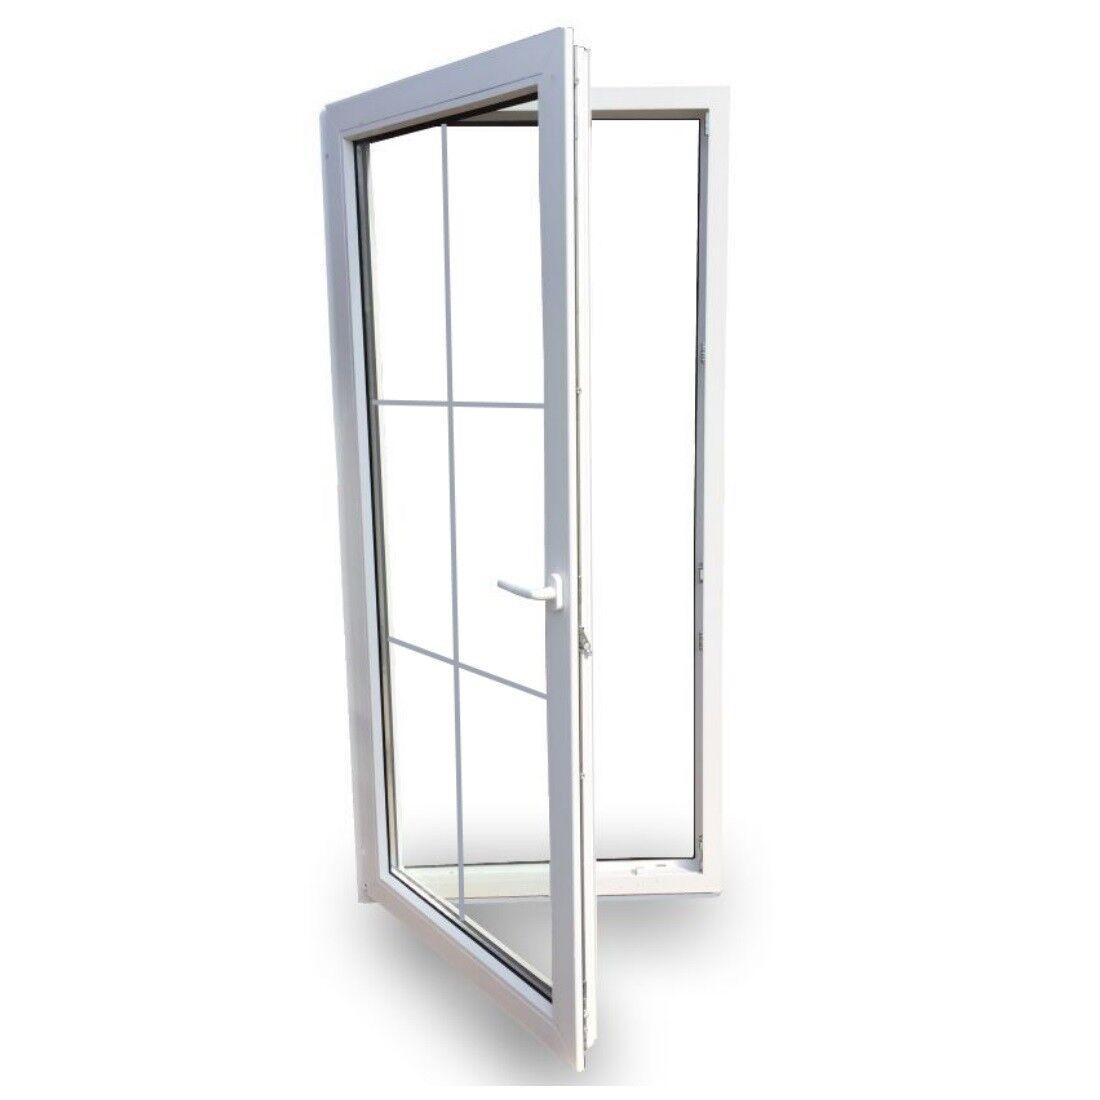 Balkontür Terrassentür Türe Tür Sprossen Kunststoff Türe 3 Fach Verglasung weiß